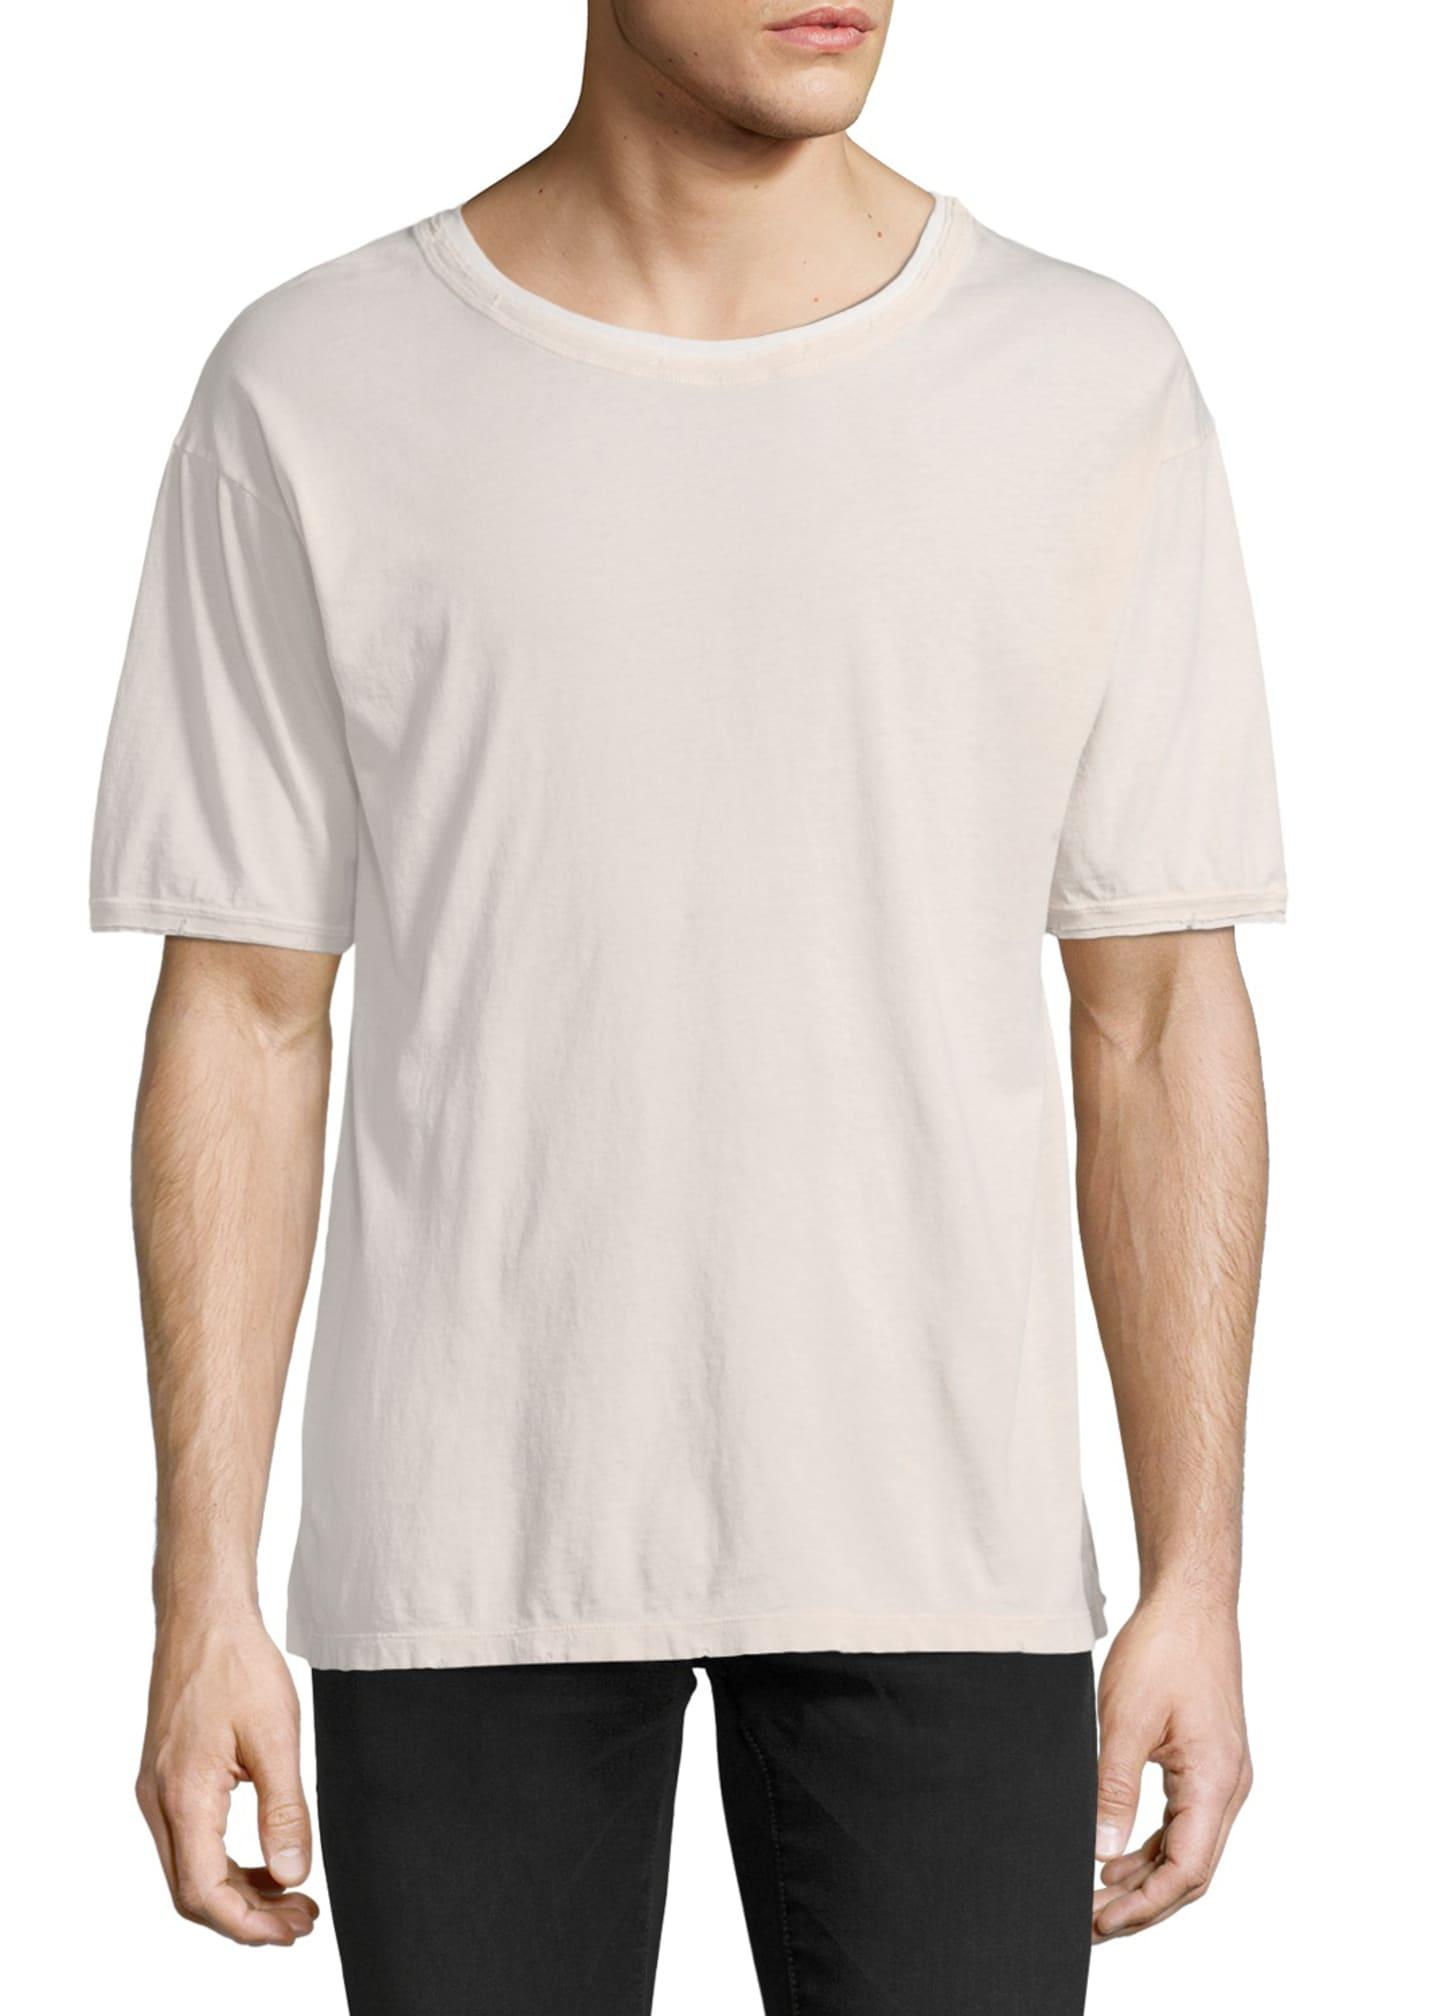 Saint Laurent Distressed Cotton T-Shirt